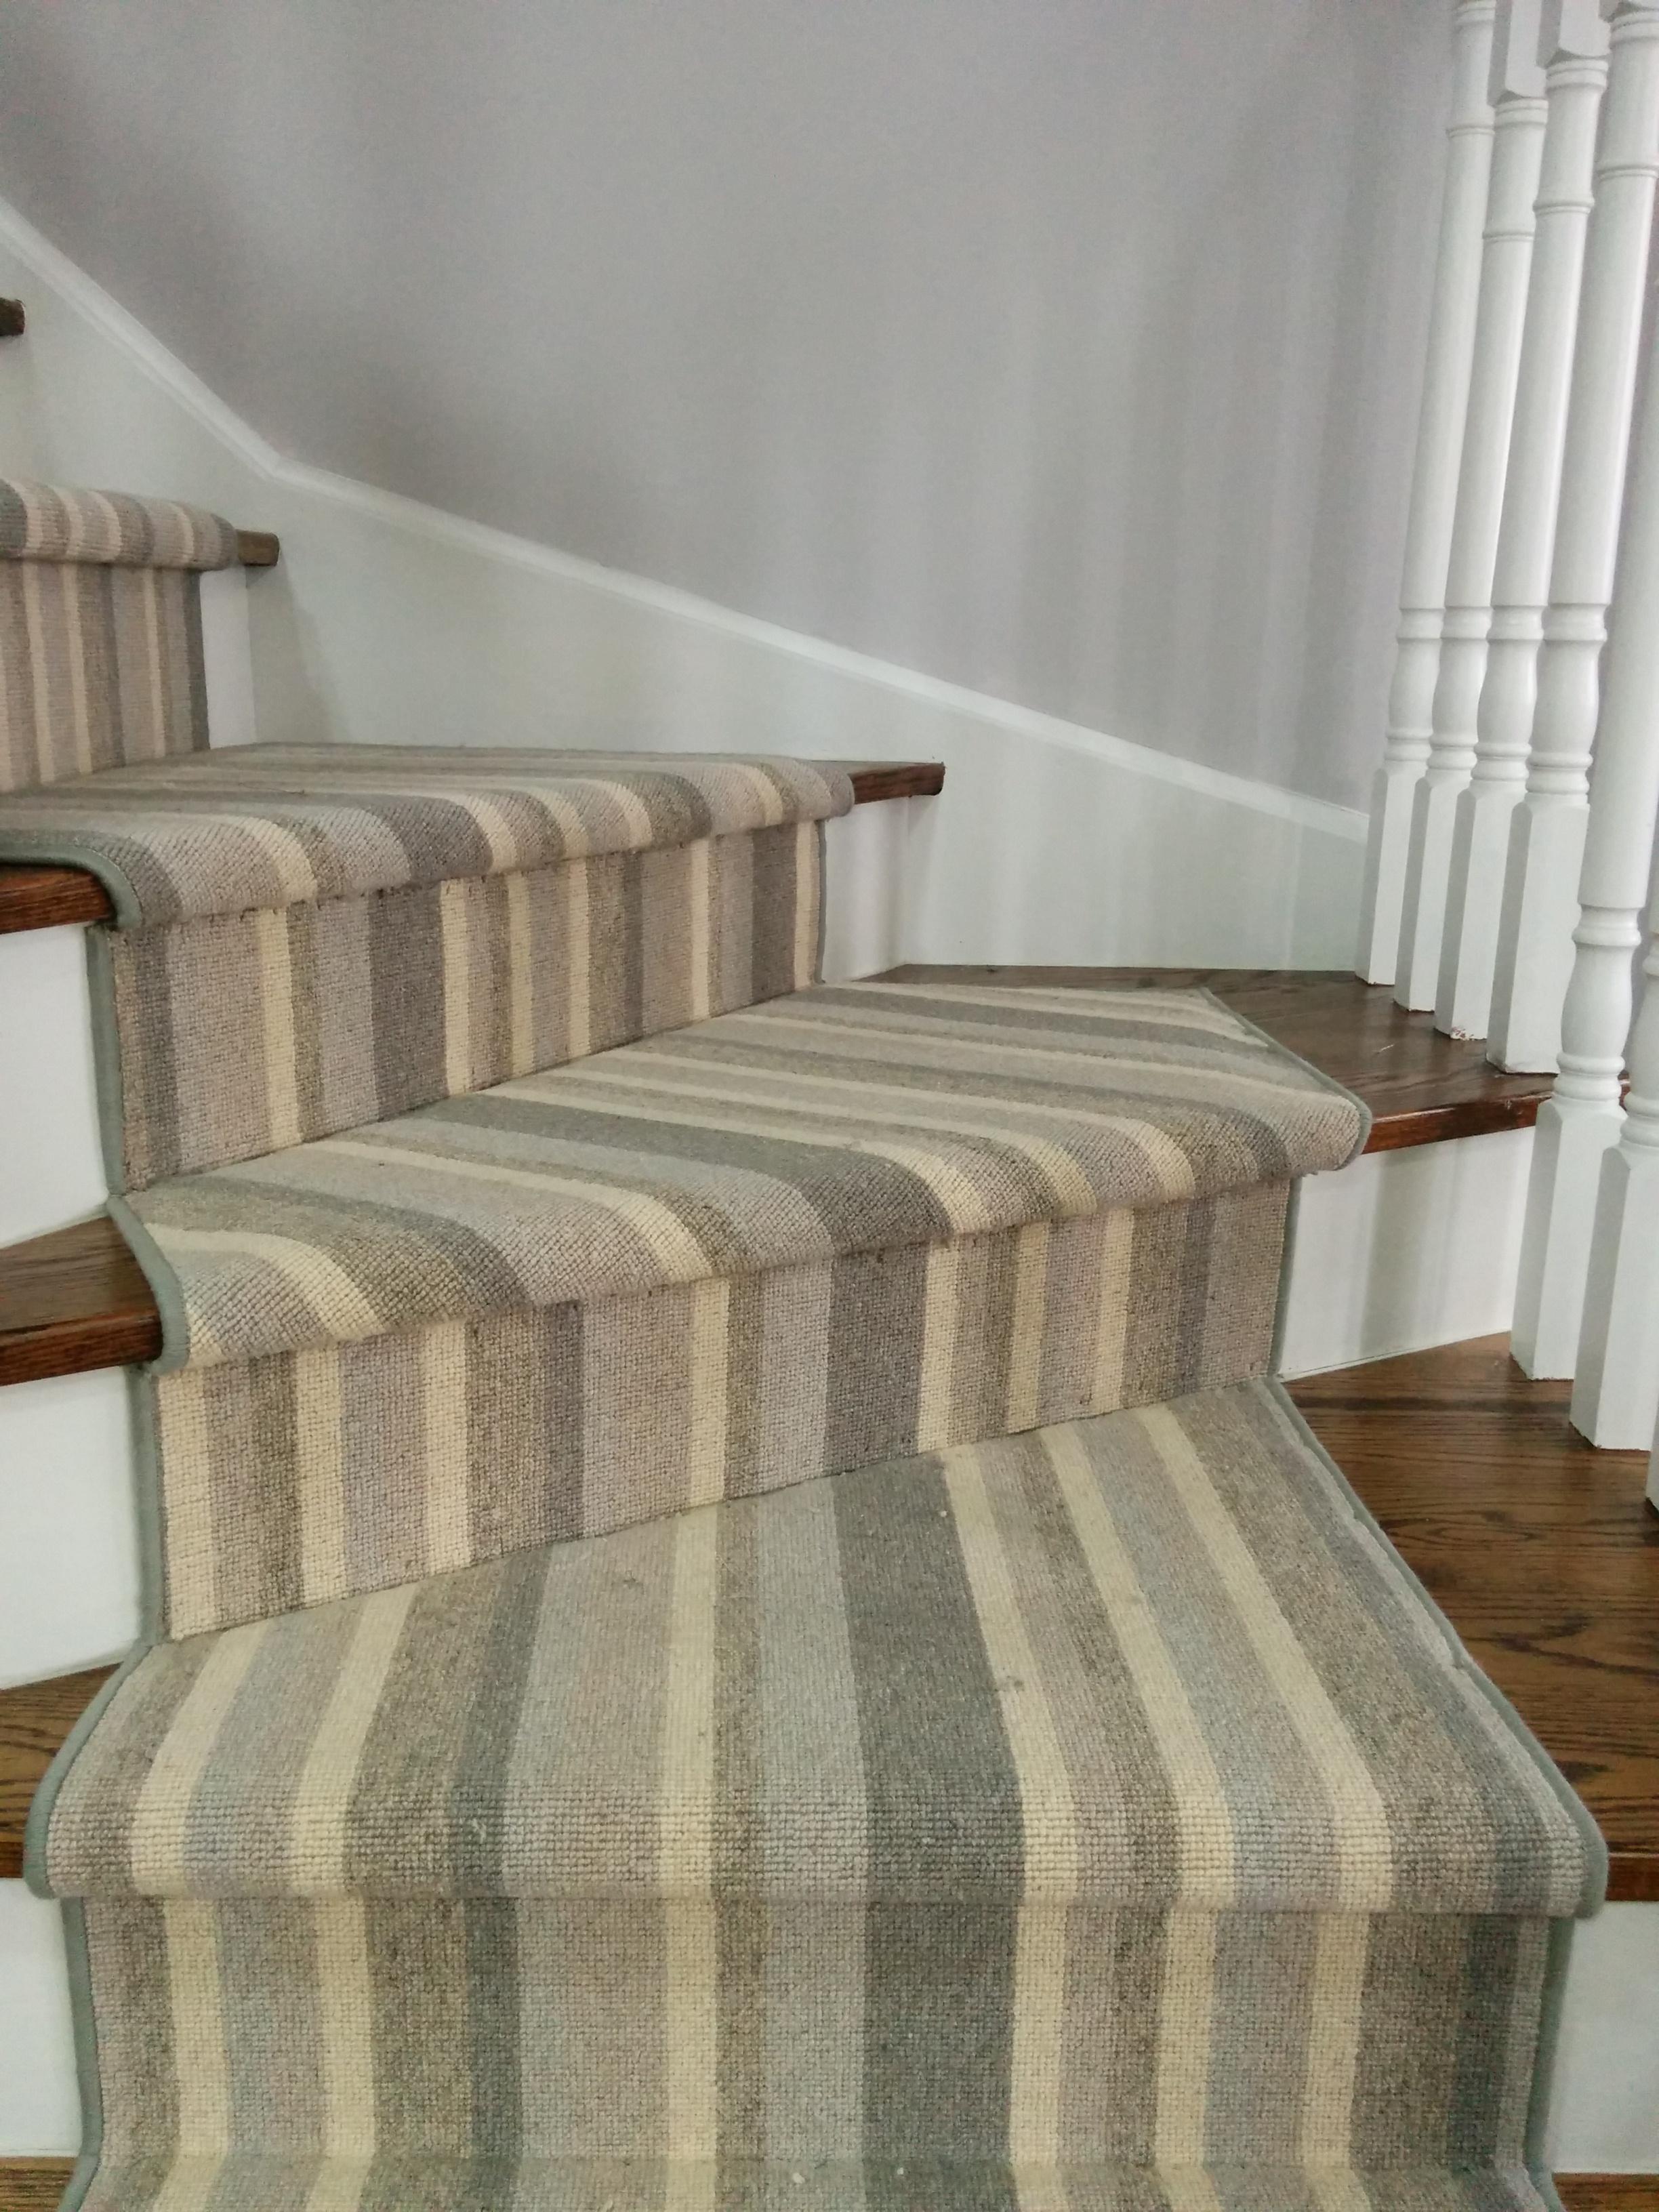 Patterned Wool Carpeting